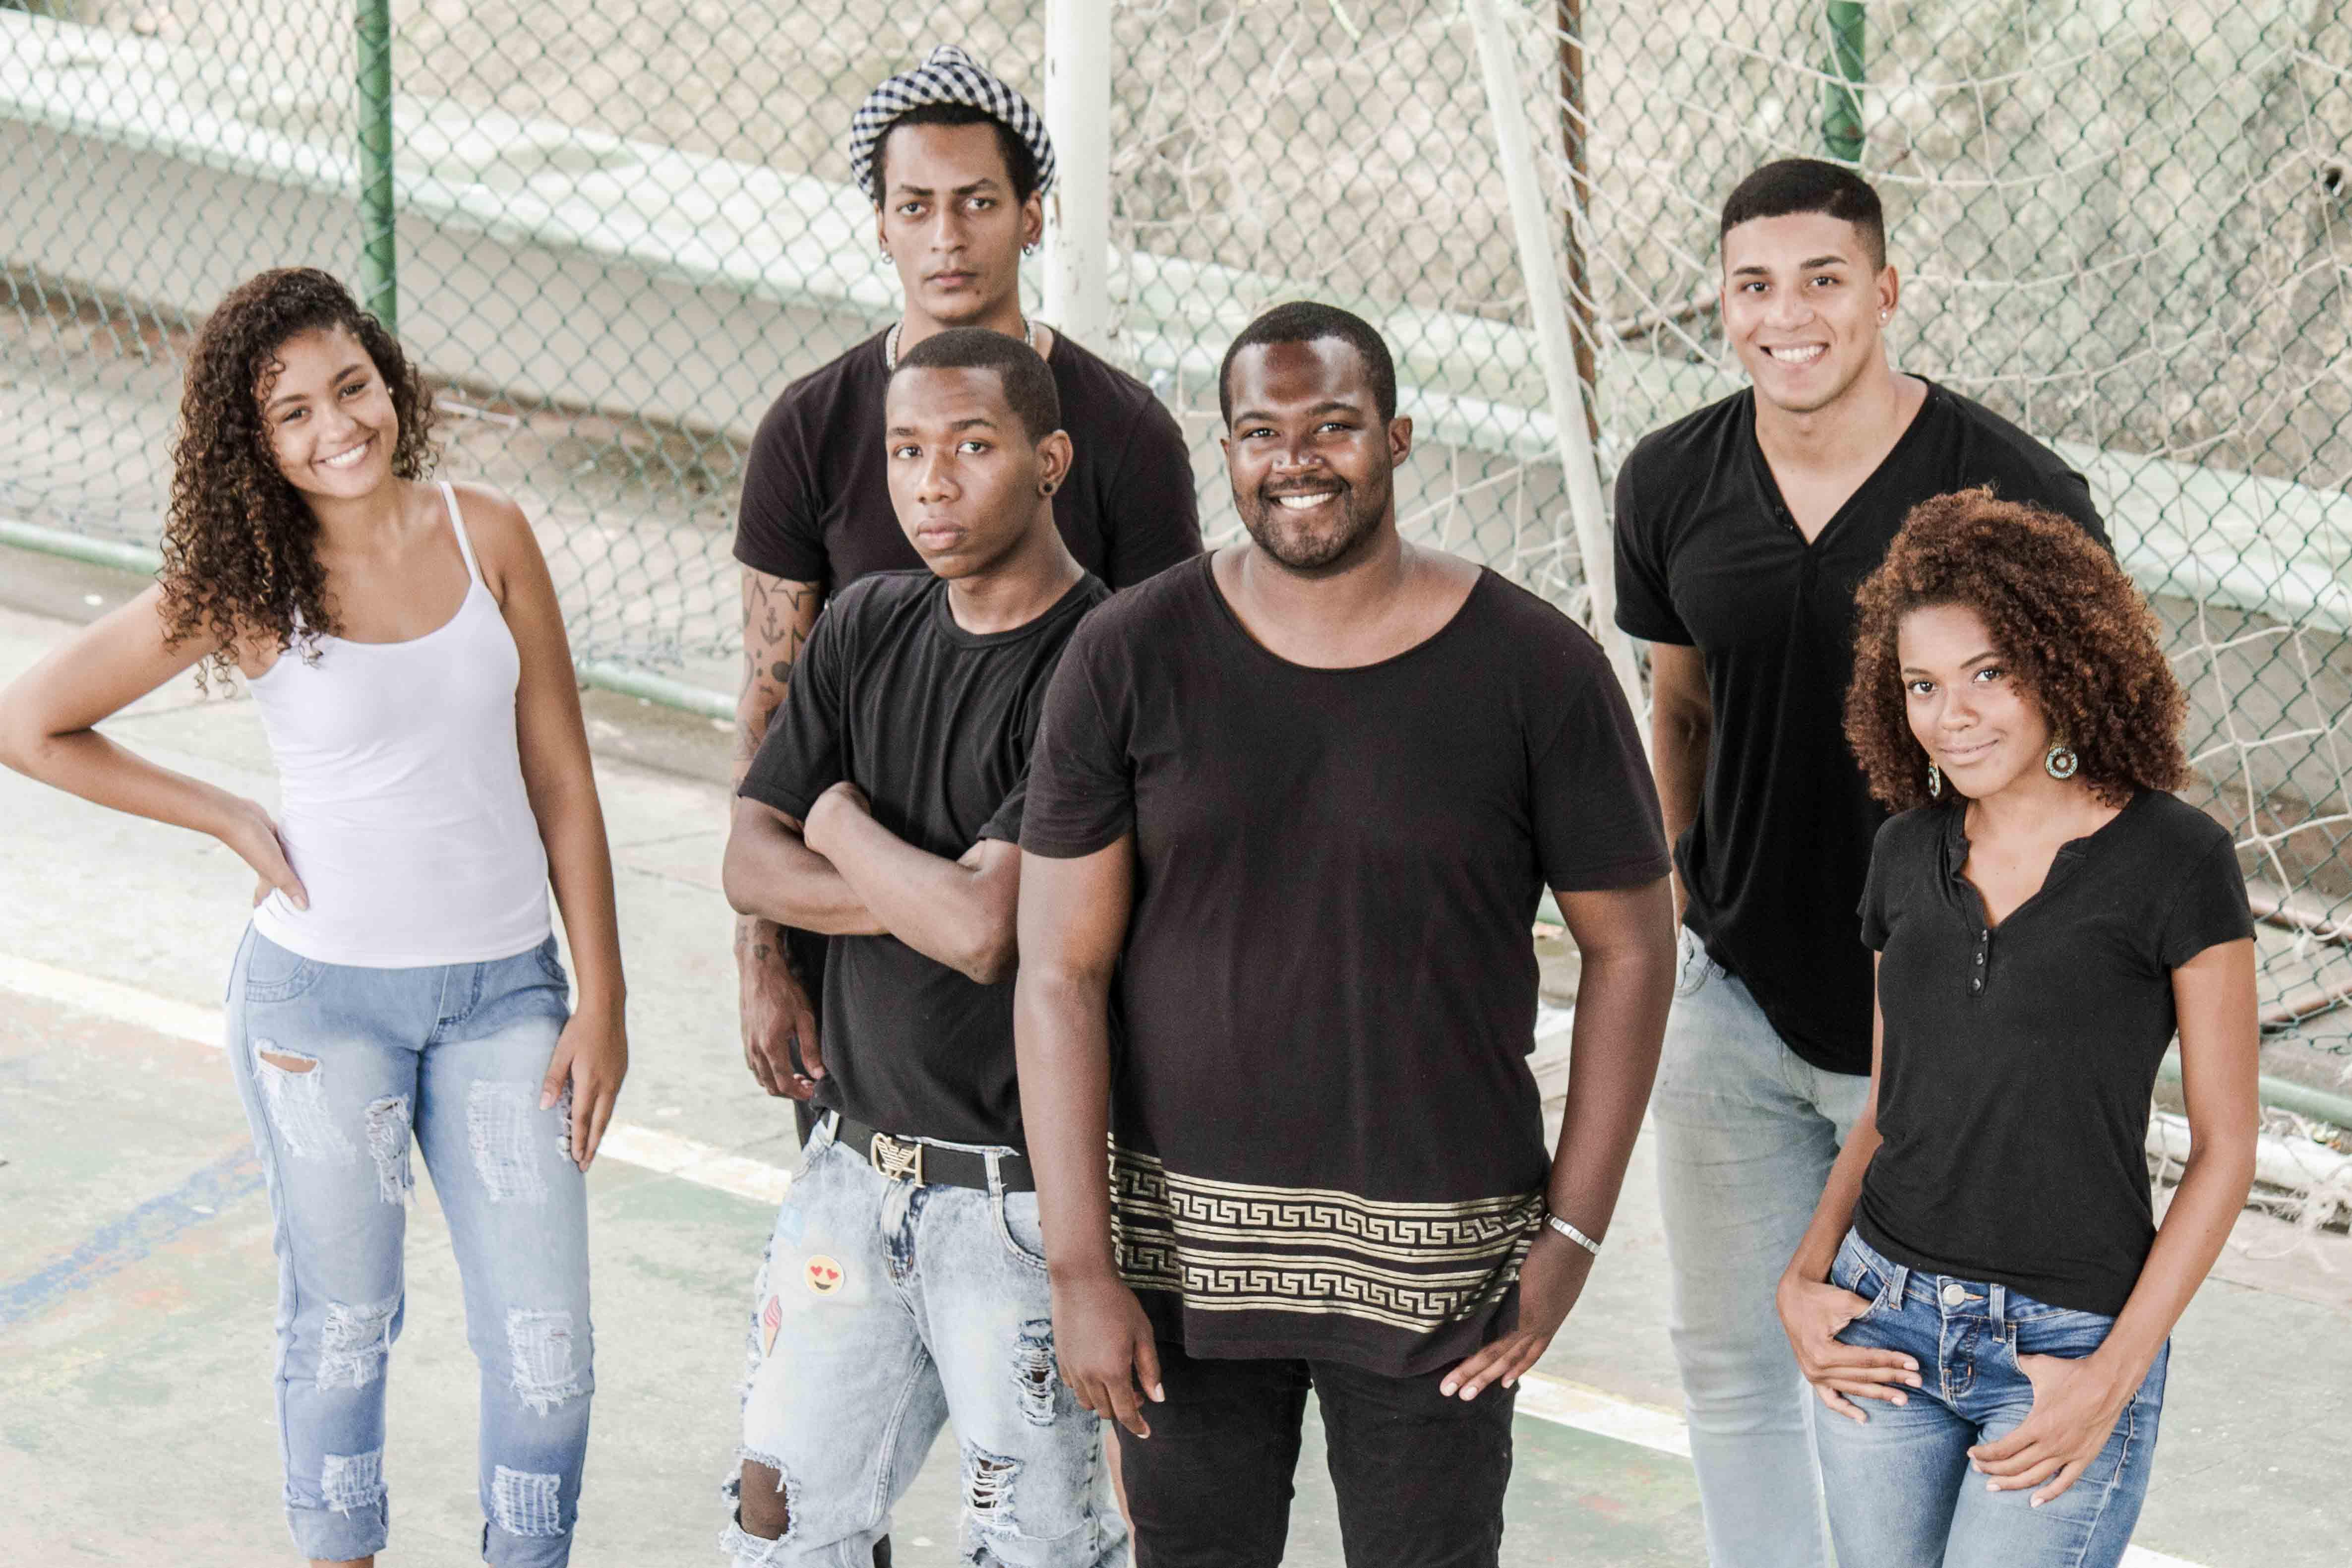 Eduardo Rosa (centro) com sua equipe do 'Rei e Rainha da Favela'. - Foto: Rodrigo Chadí/Jornal Voz Das Comunidades